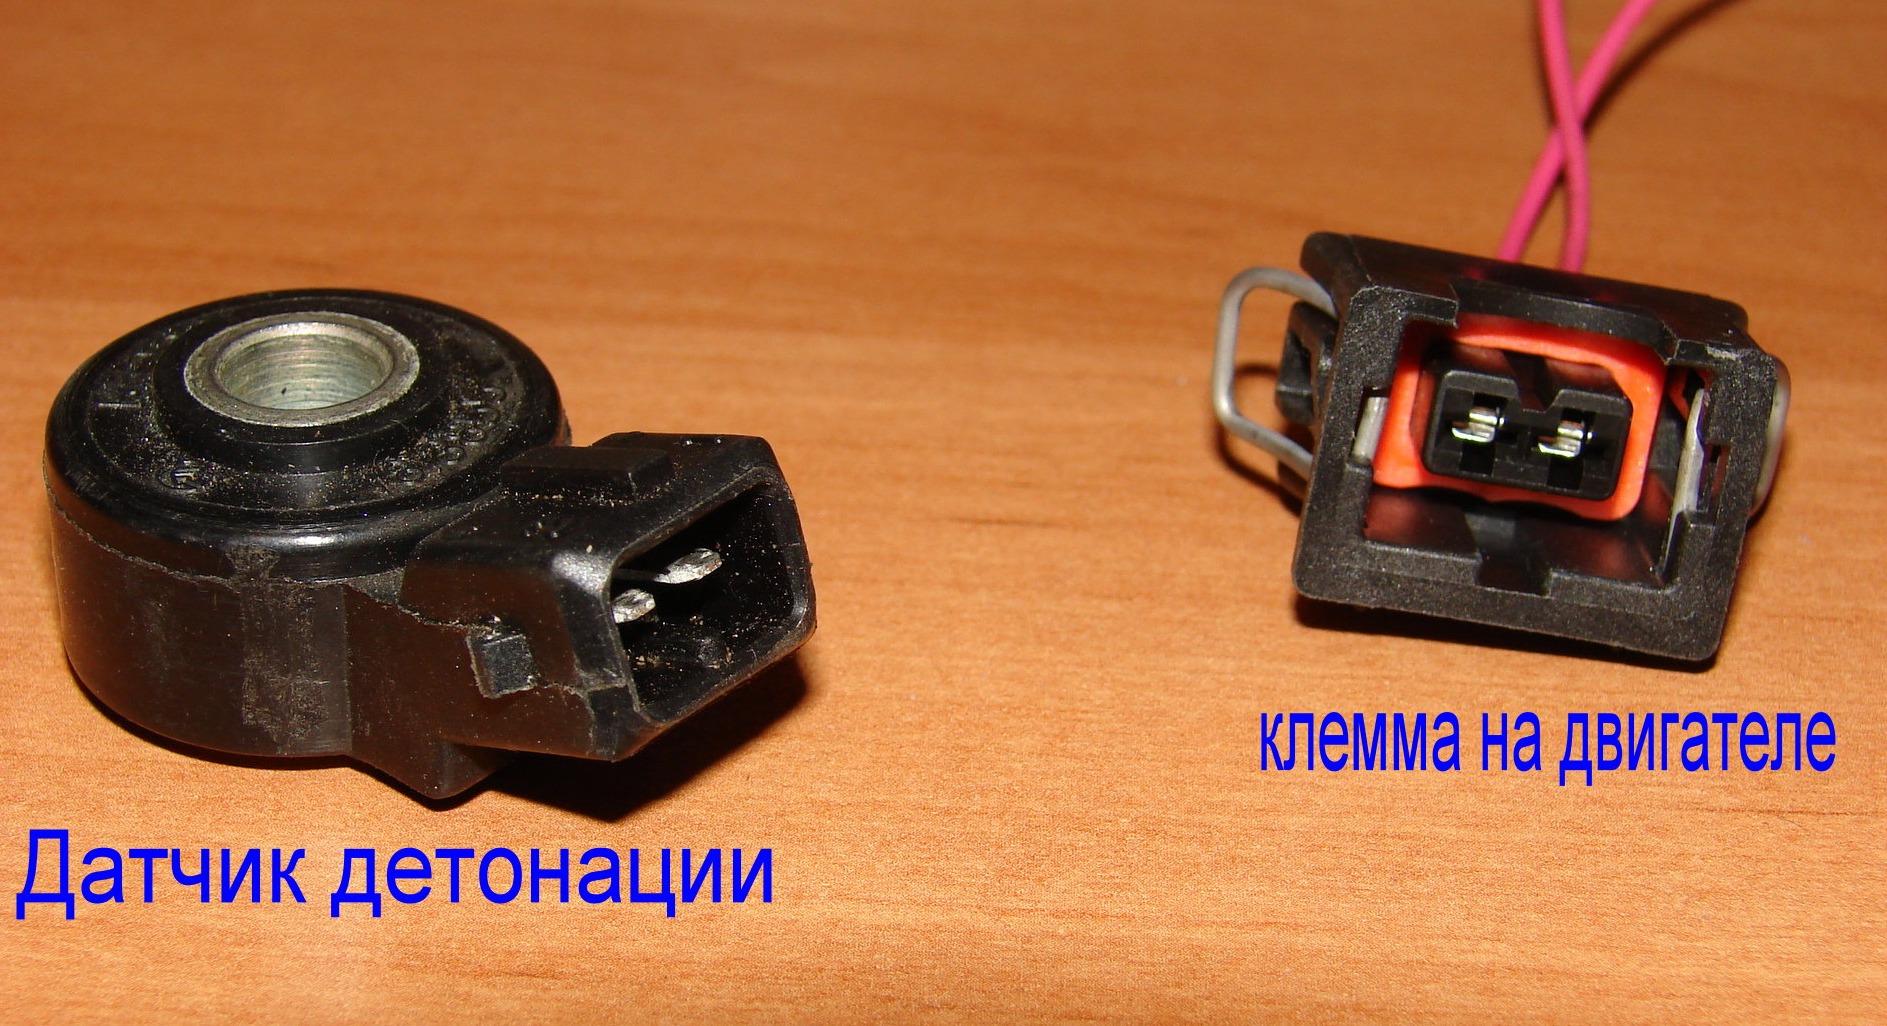 Определитель детонации и клемма с проводами